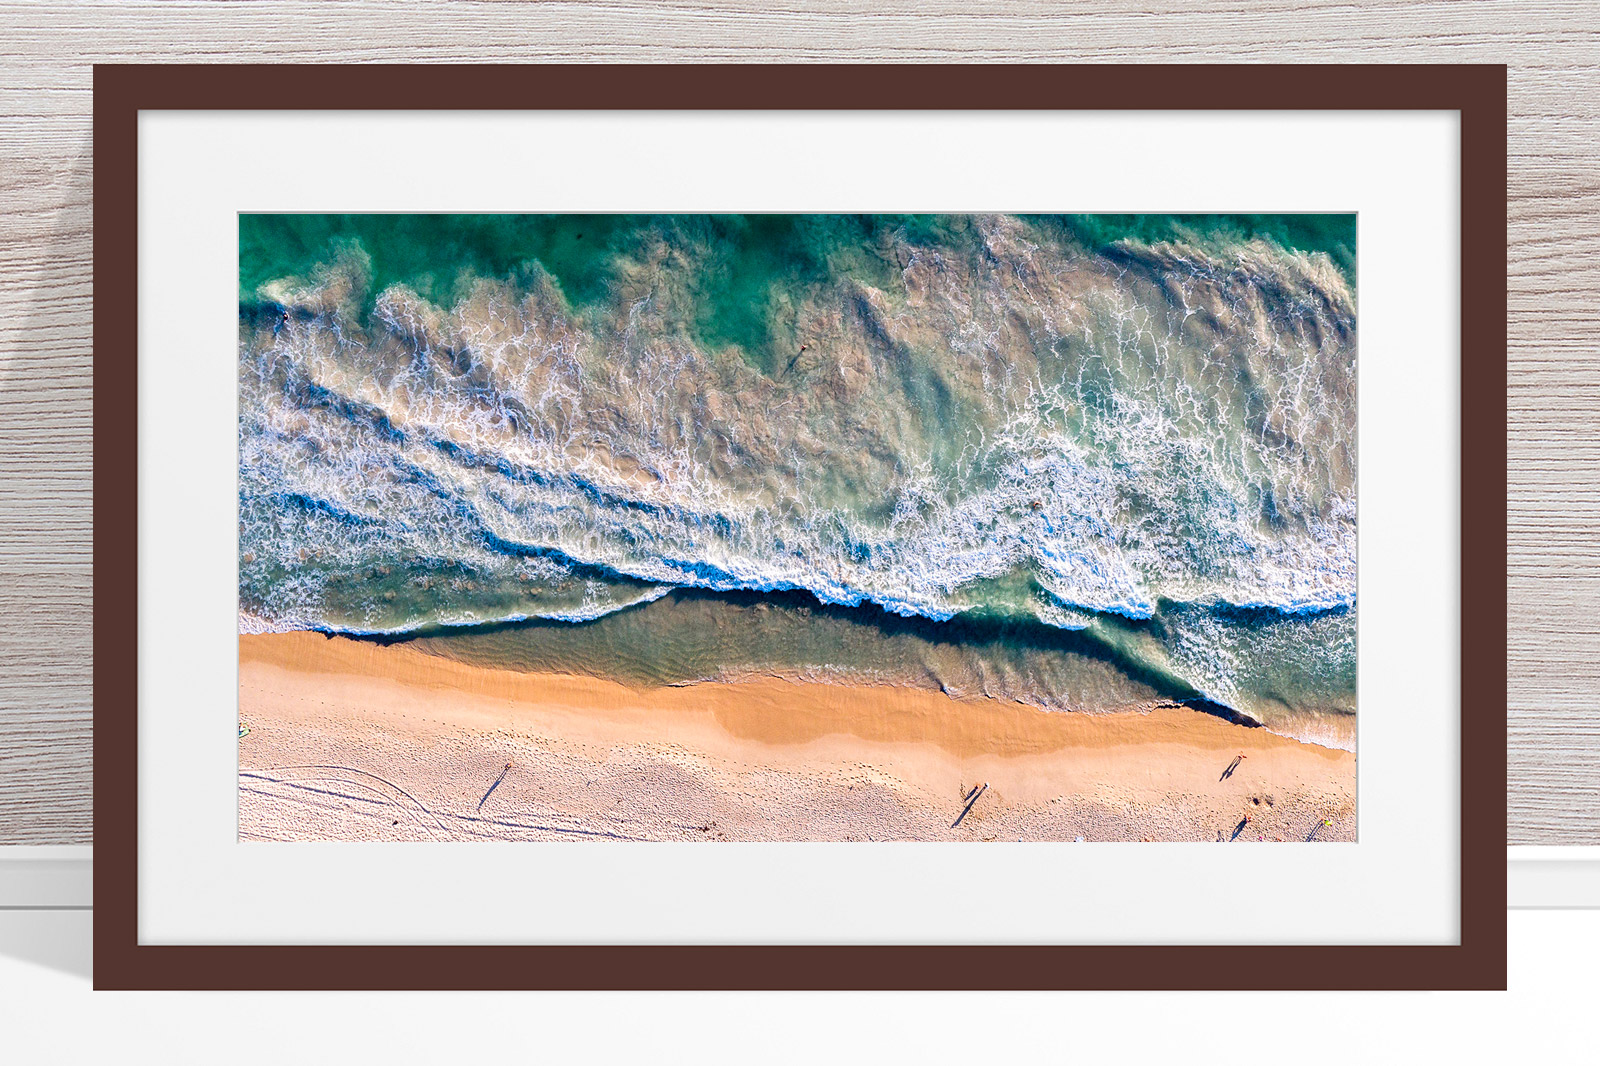 081 - Jason Mazur - 'Scarborough Beach Aerial' Dark Frame